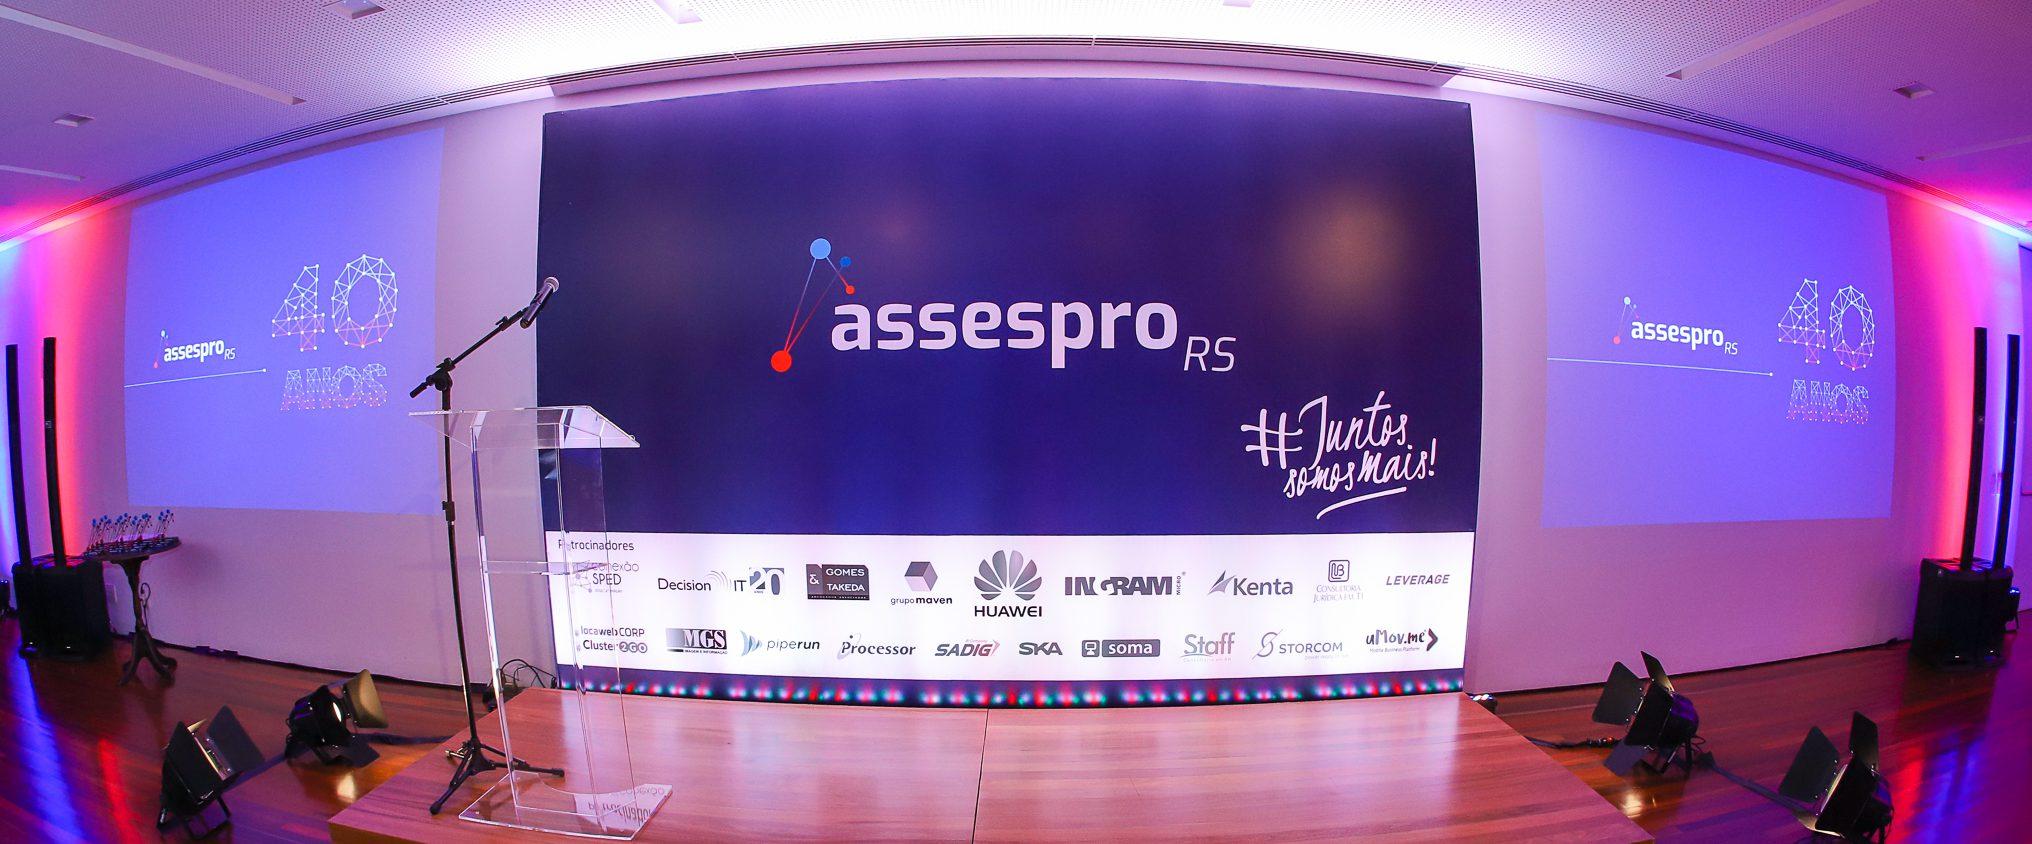 Primeiro Presidente Assespro-RS homenageia os 40 anos da entidade